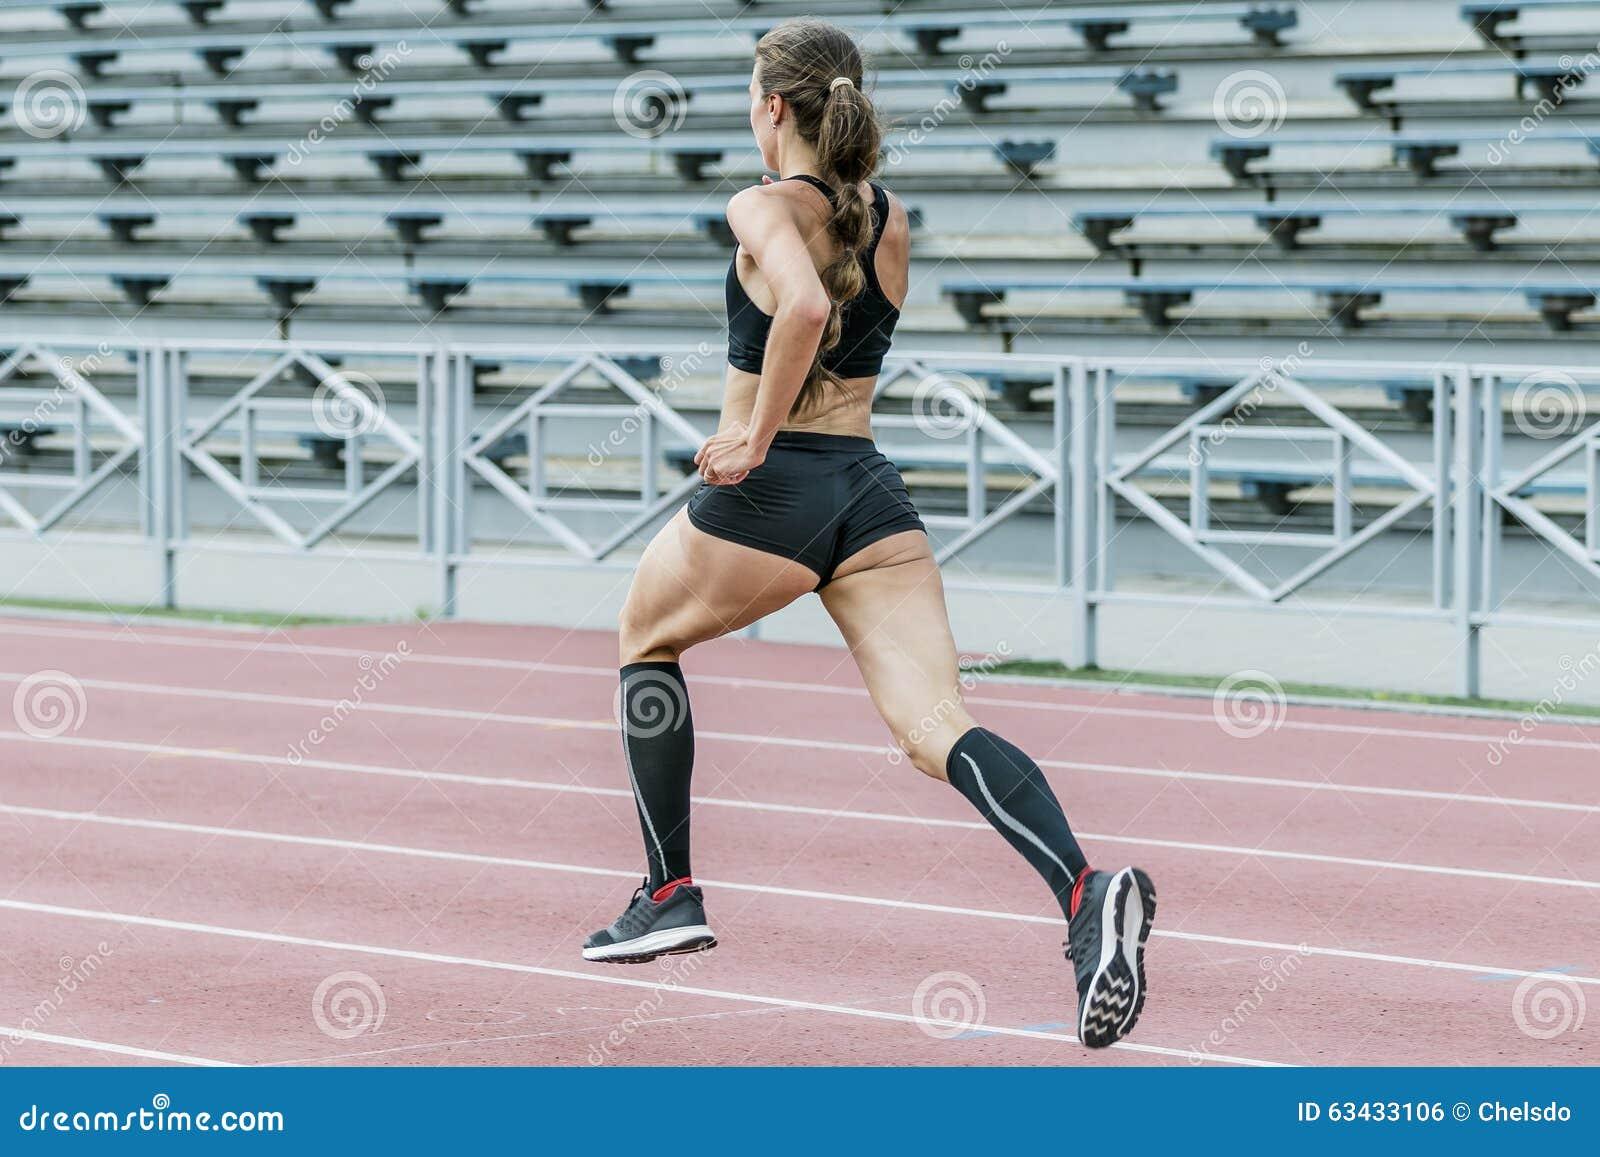 Agree, sexy hot runner girl running consider